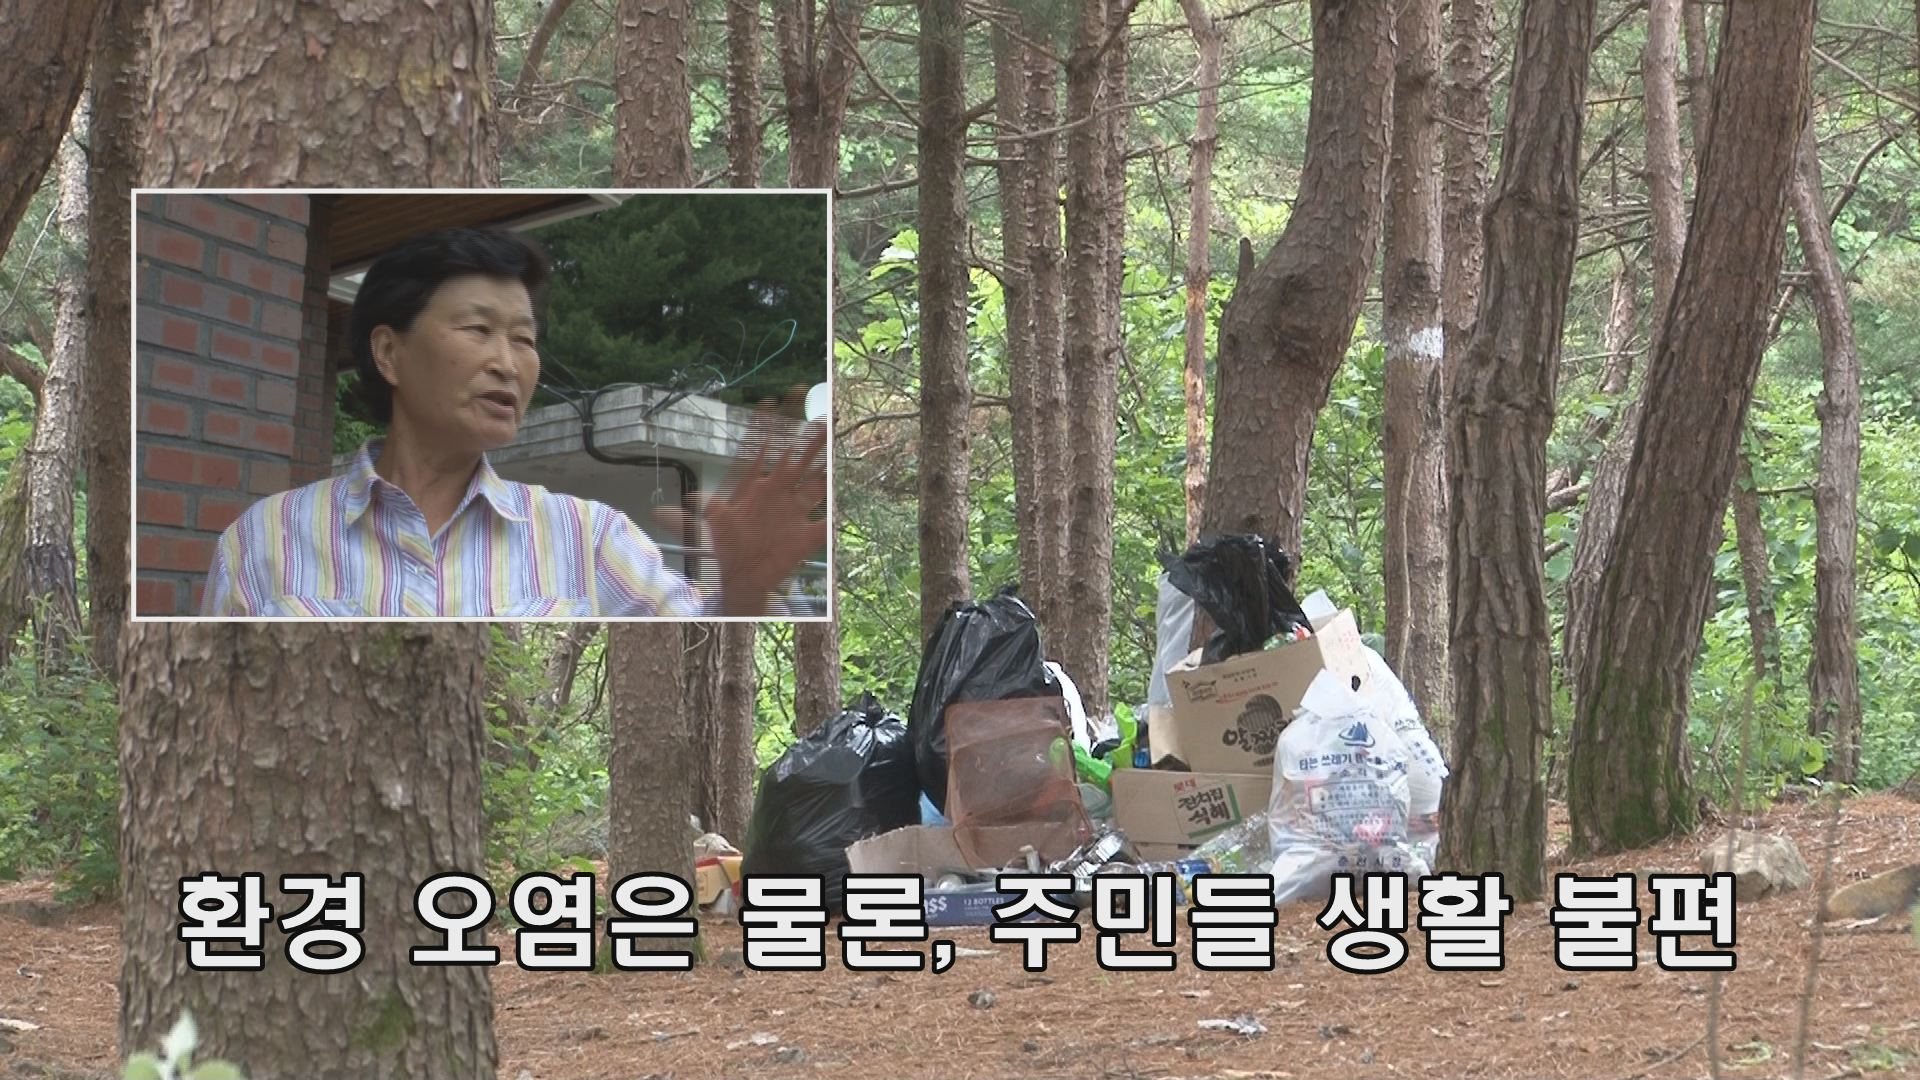 피서지 쓰레기 '몸살'